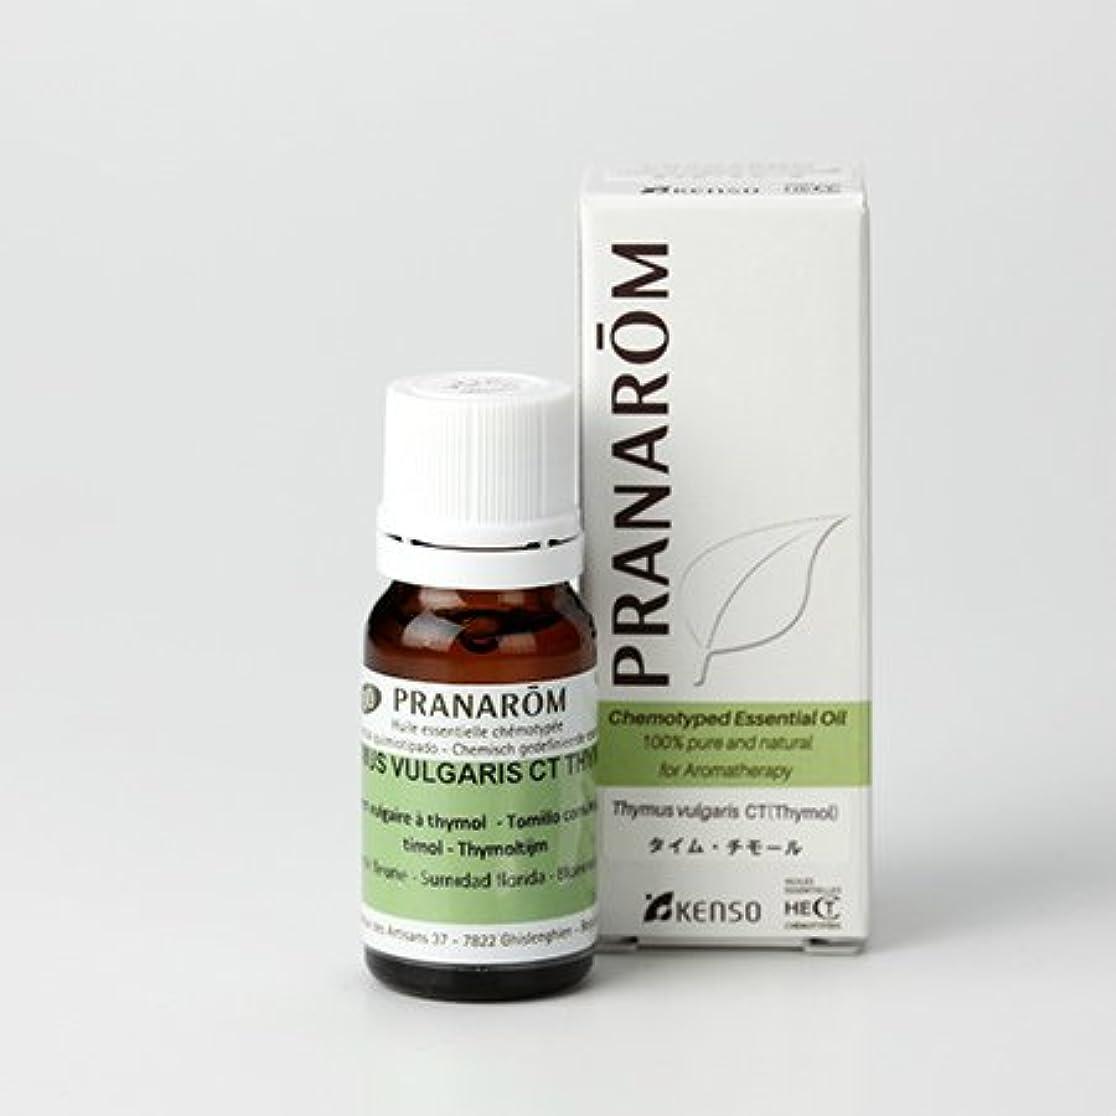 コイル持続的あえてプラナロム タイムチモール 10ml (PRANAROM ケモタイプ精油)